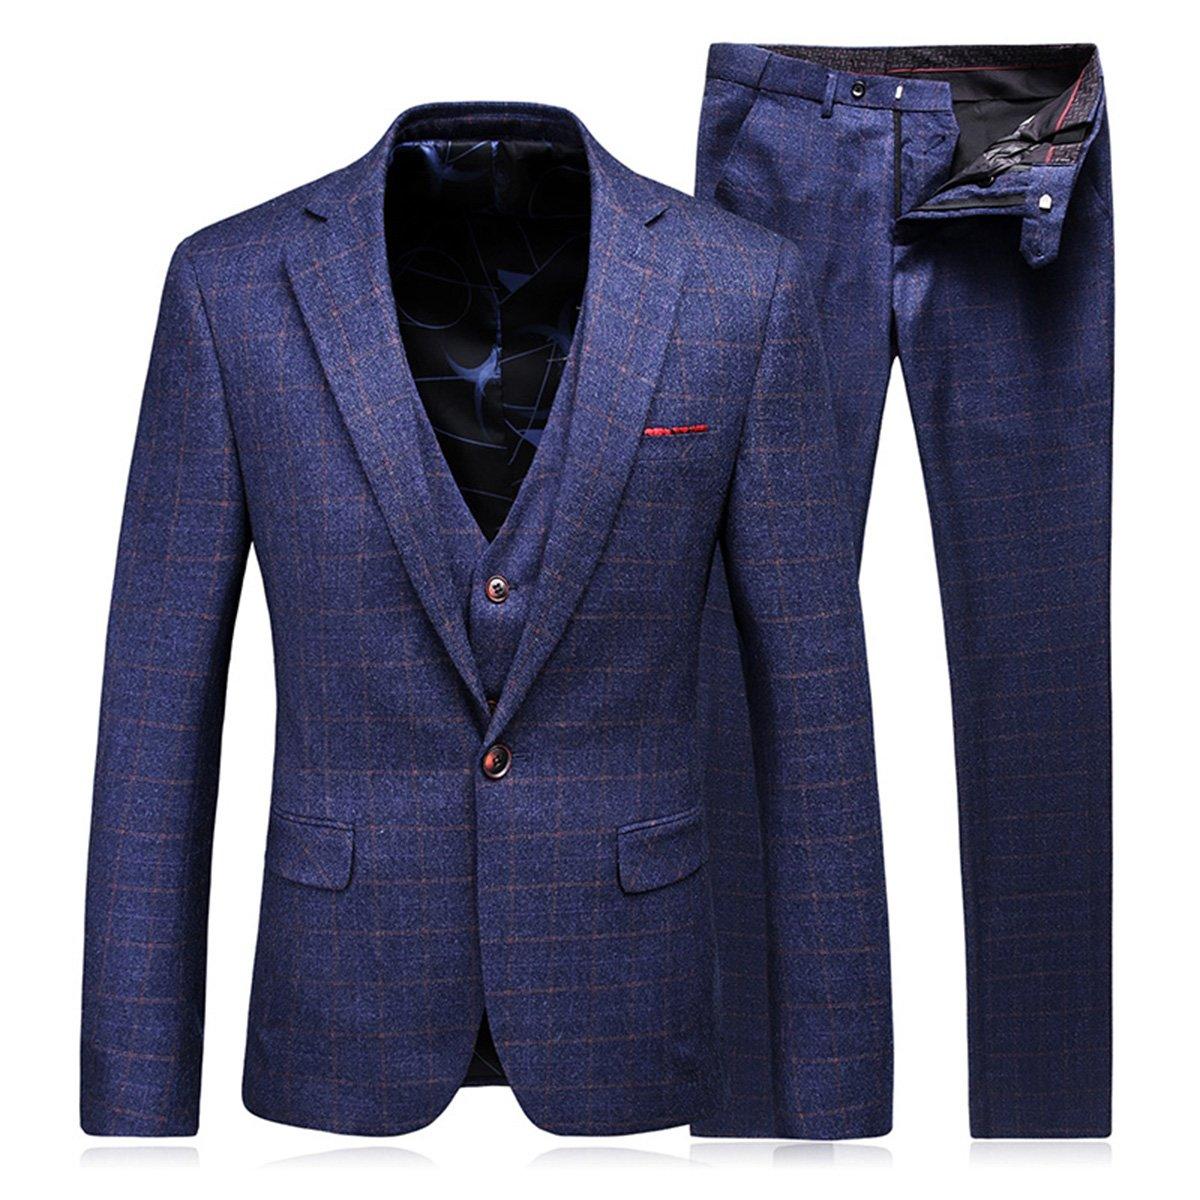 WEEN CHARM メンズスーツ セットアップ 3ピース スリム ビジネス 結婚式 チェック柄 紺色 B0746HDBSX L|ブルー01 ブルー01 L